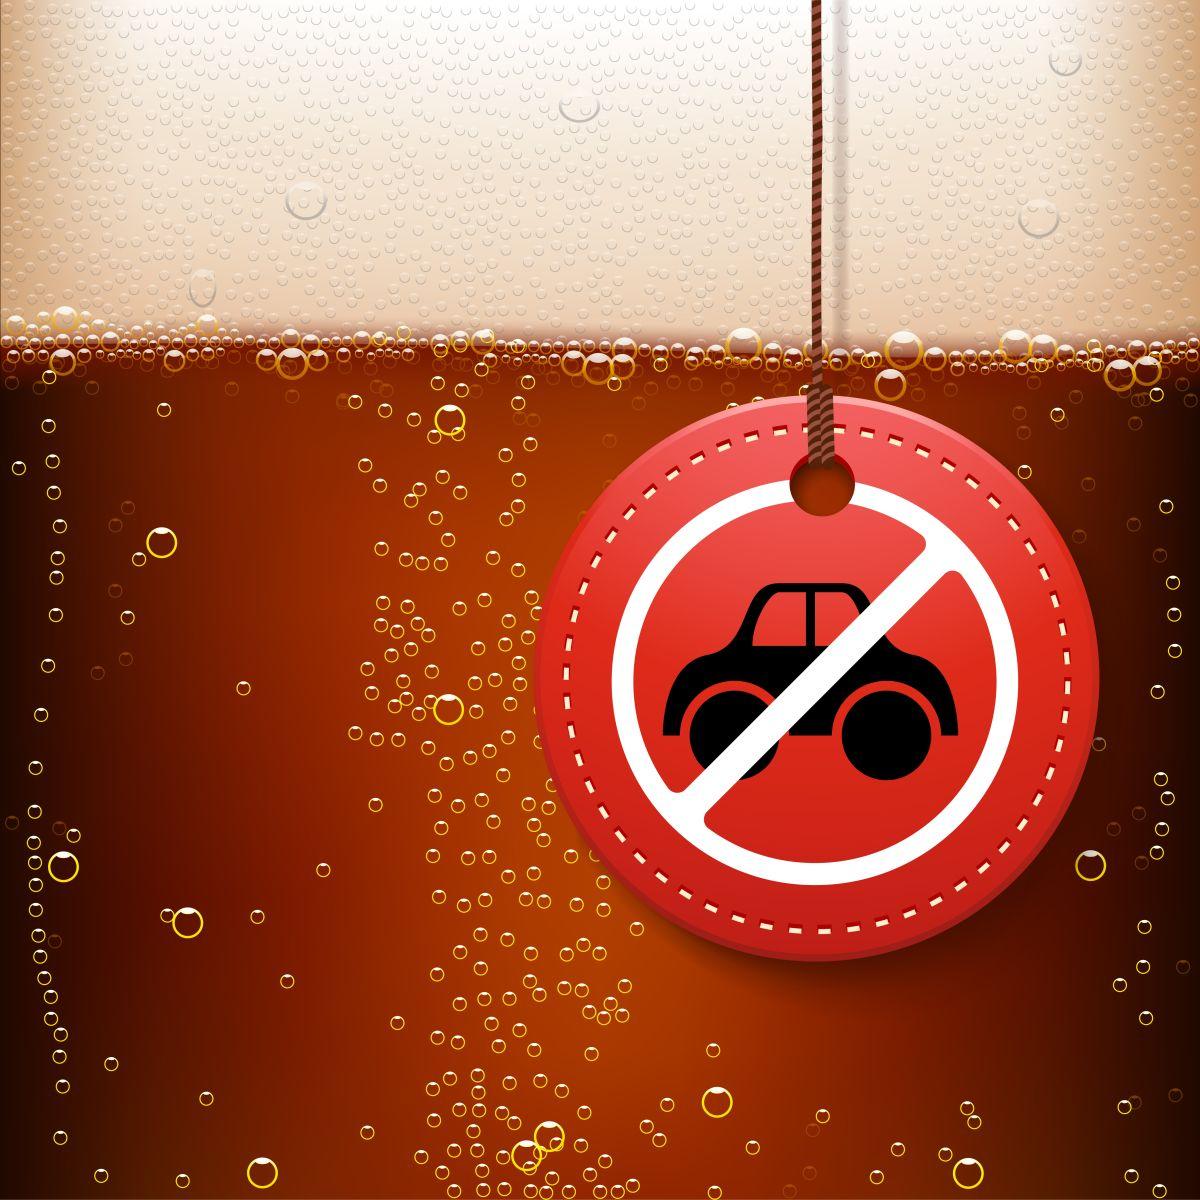 znaczek przekreślonego auta a w tle piwo